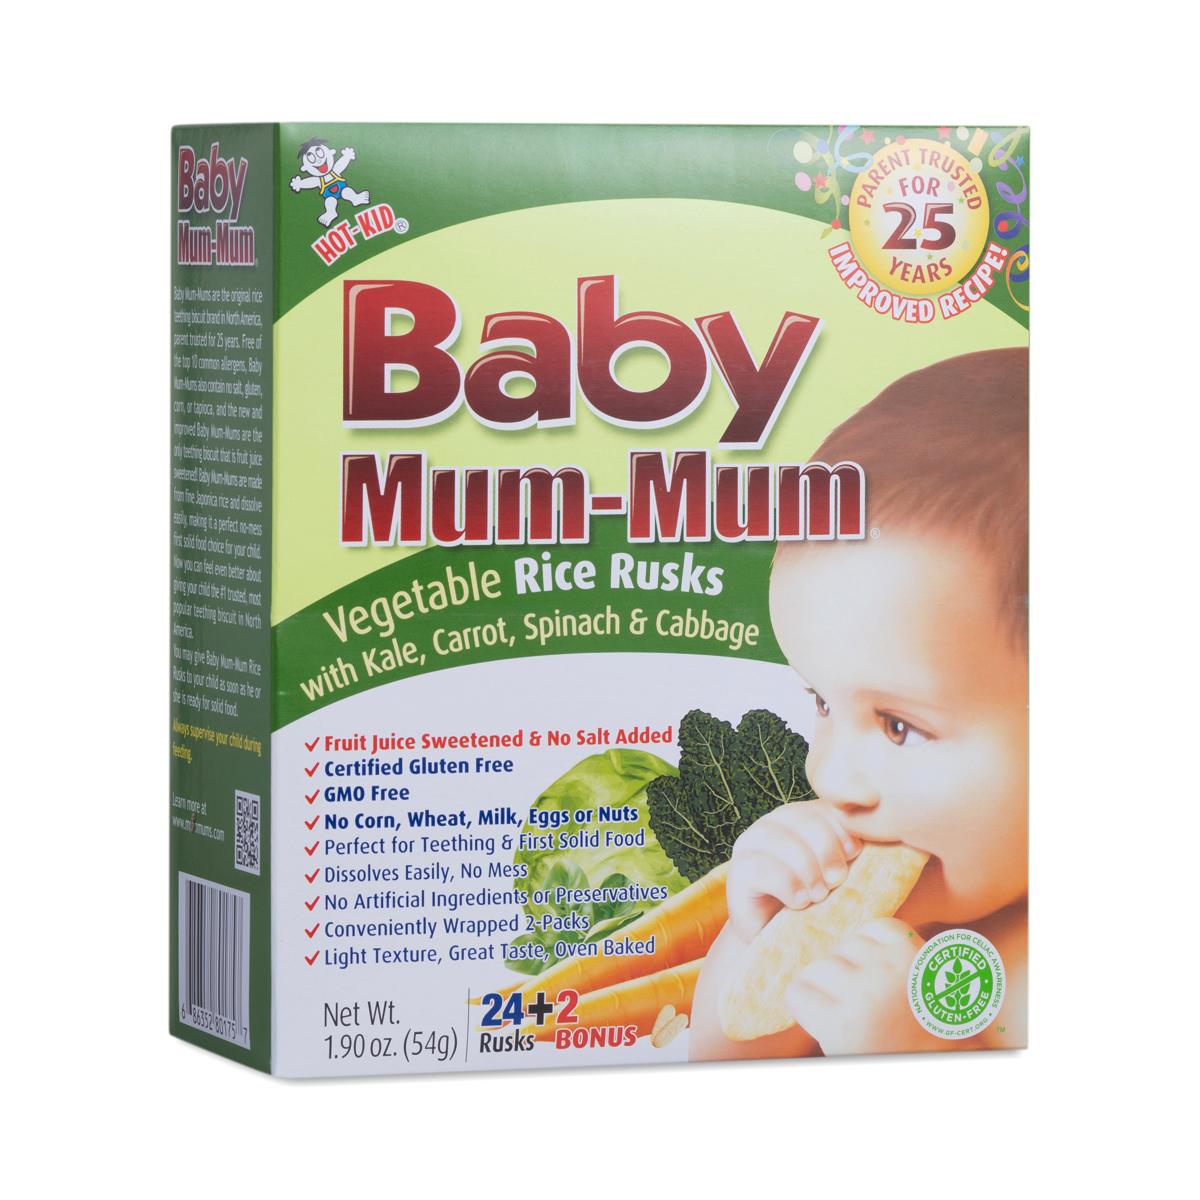 Kid Basix Baby Mum-Mum Vegetable Rice Rusks